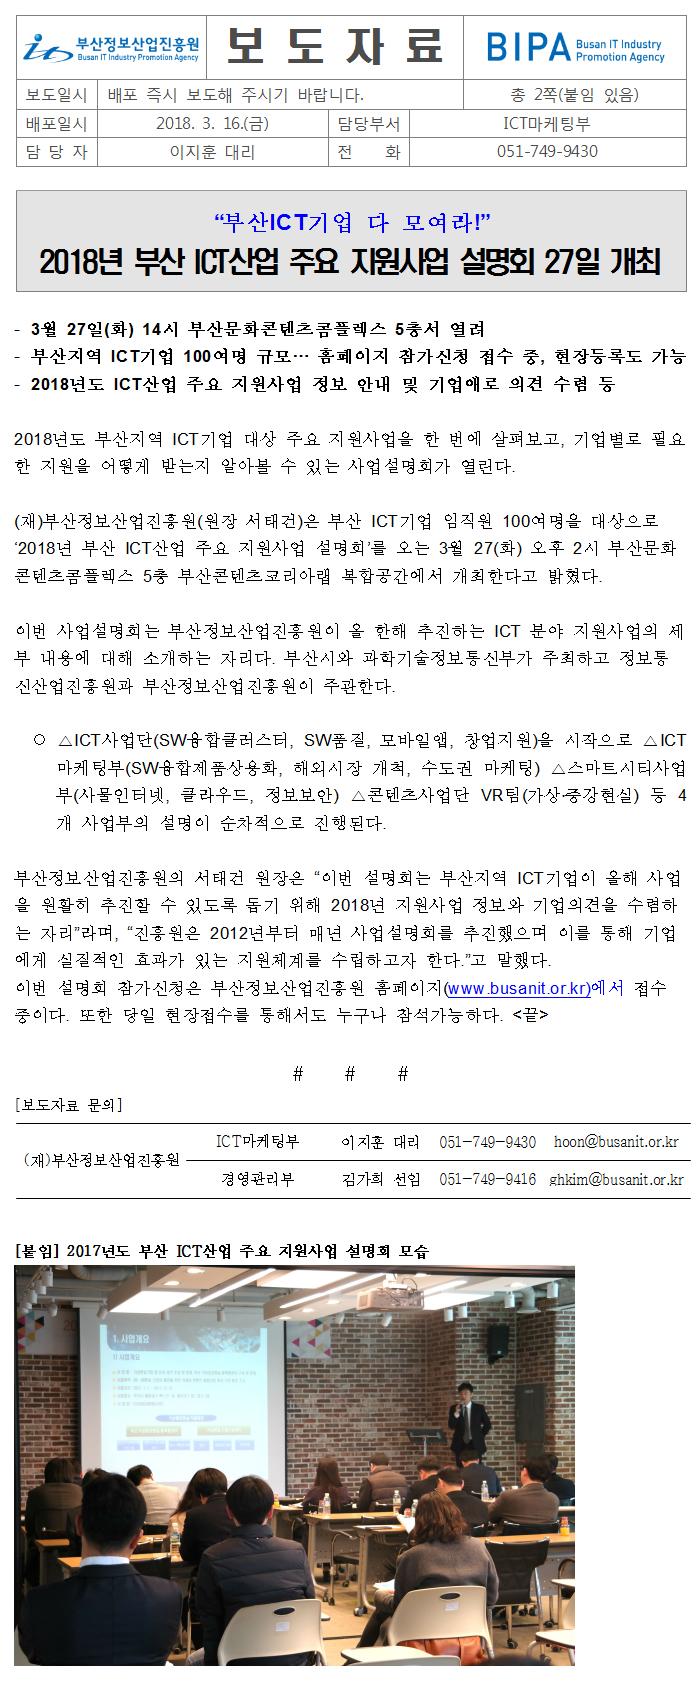 2018년 부산 ICT산업 주요 지원사업 설명회 27일 개최